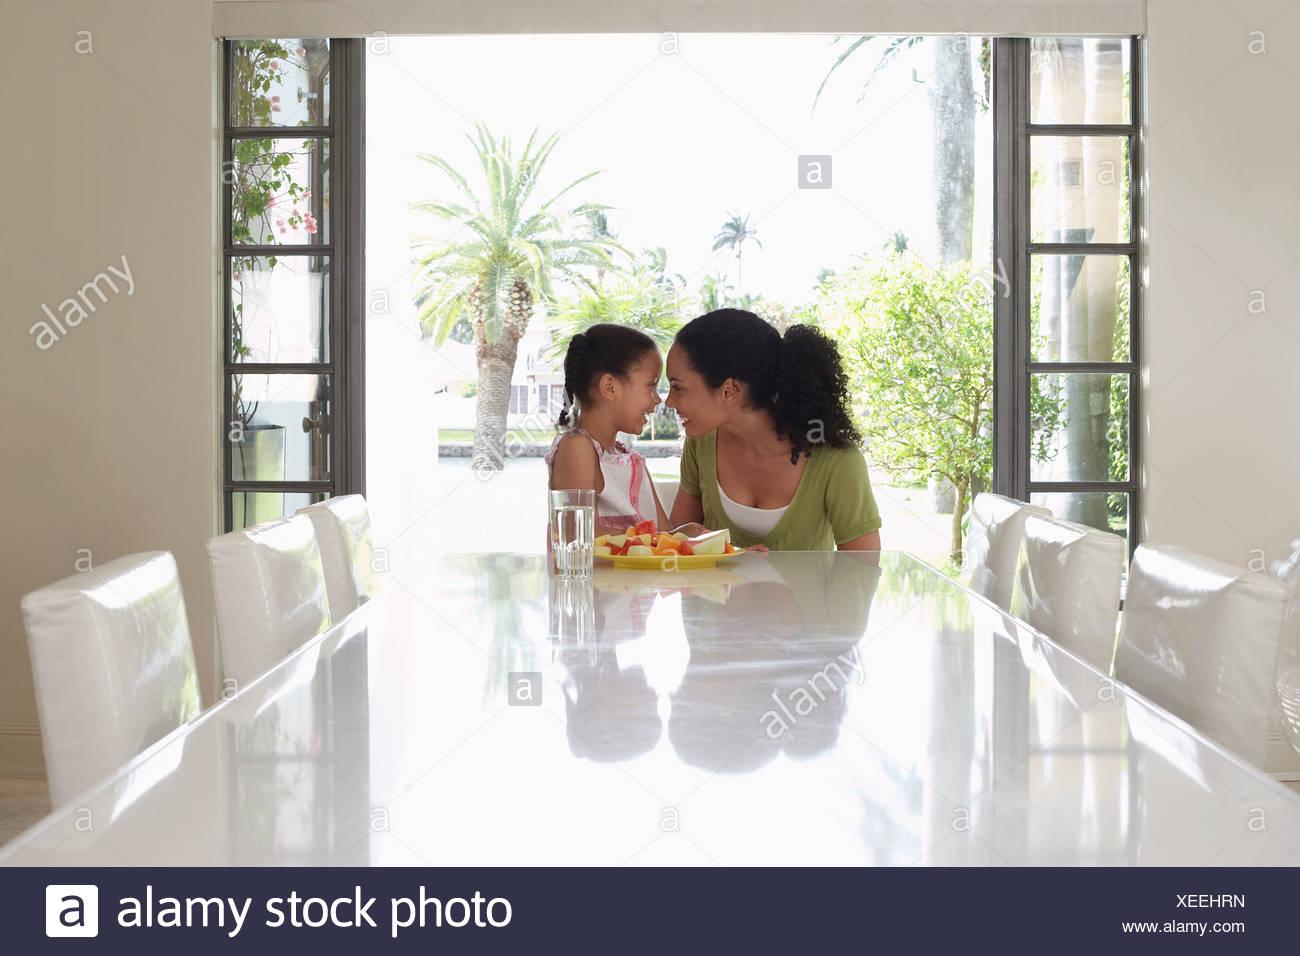 Madre e hija (5-6 años) sentados en la mesa de comedor Imagen De Stock